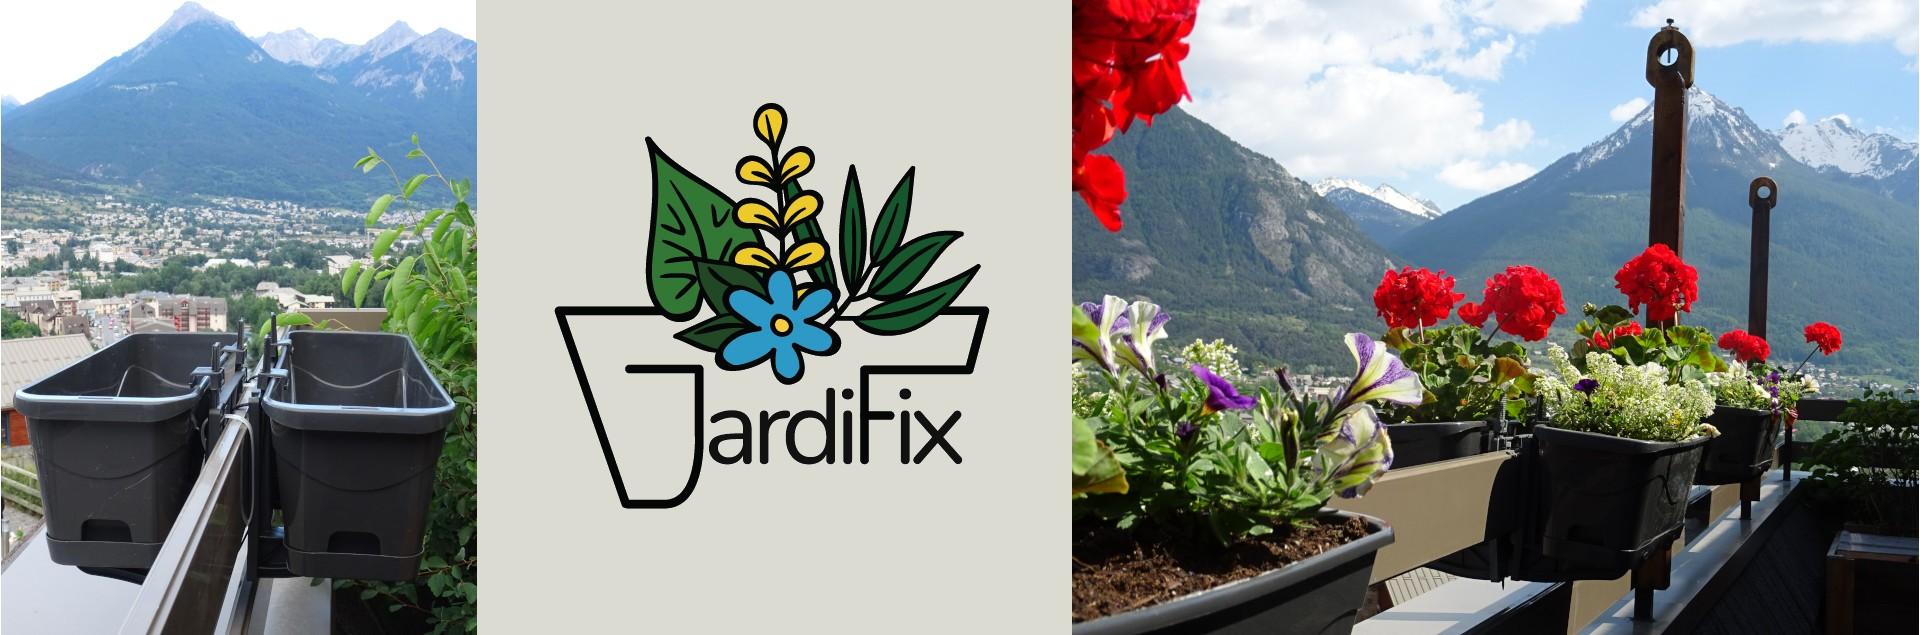 https://www.babazinov.fr/fr/jardinage/43-jardifix-3415350000179.html